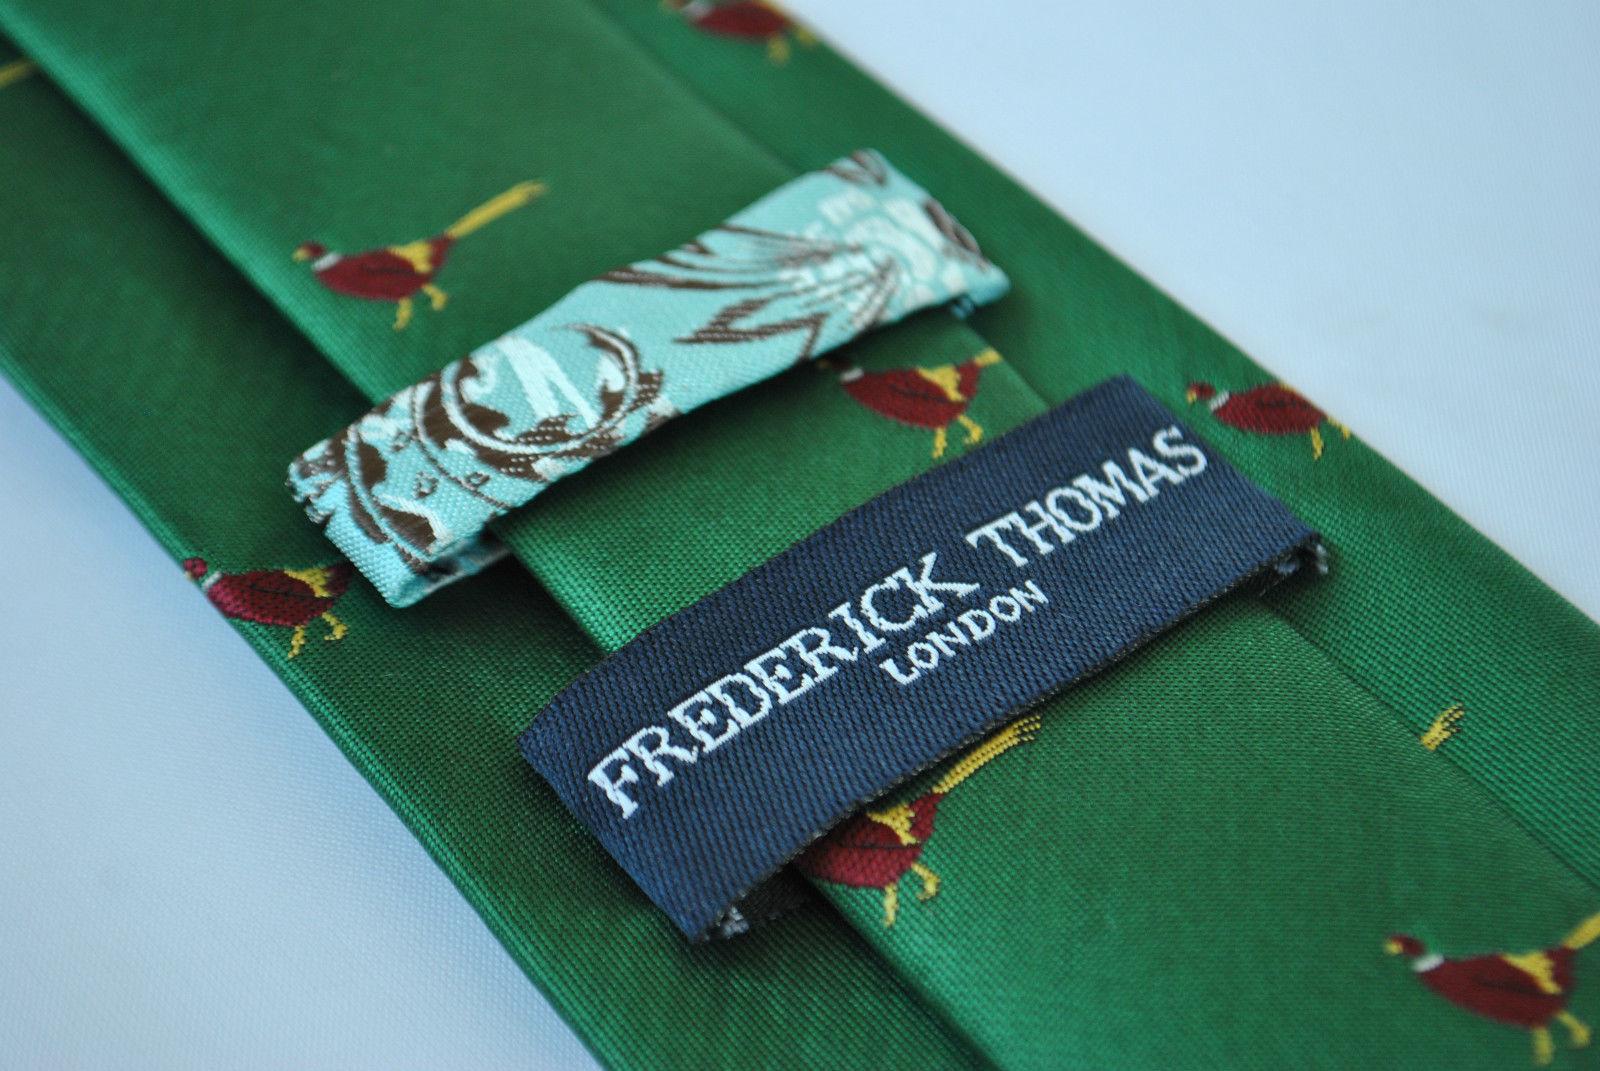 Frederick Thomas Verde Oscuro Hombre Corbata Con Faisán Diseño ft1920 CAZA